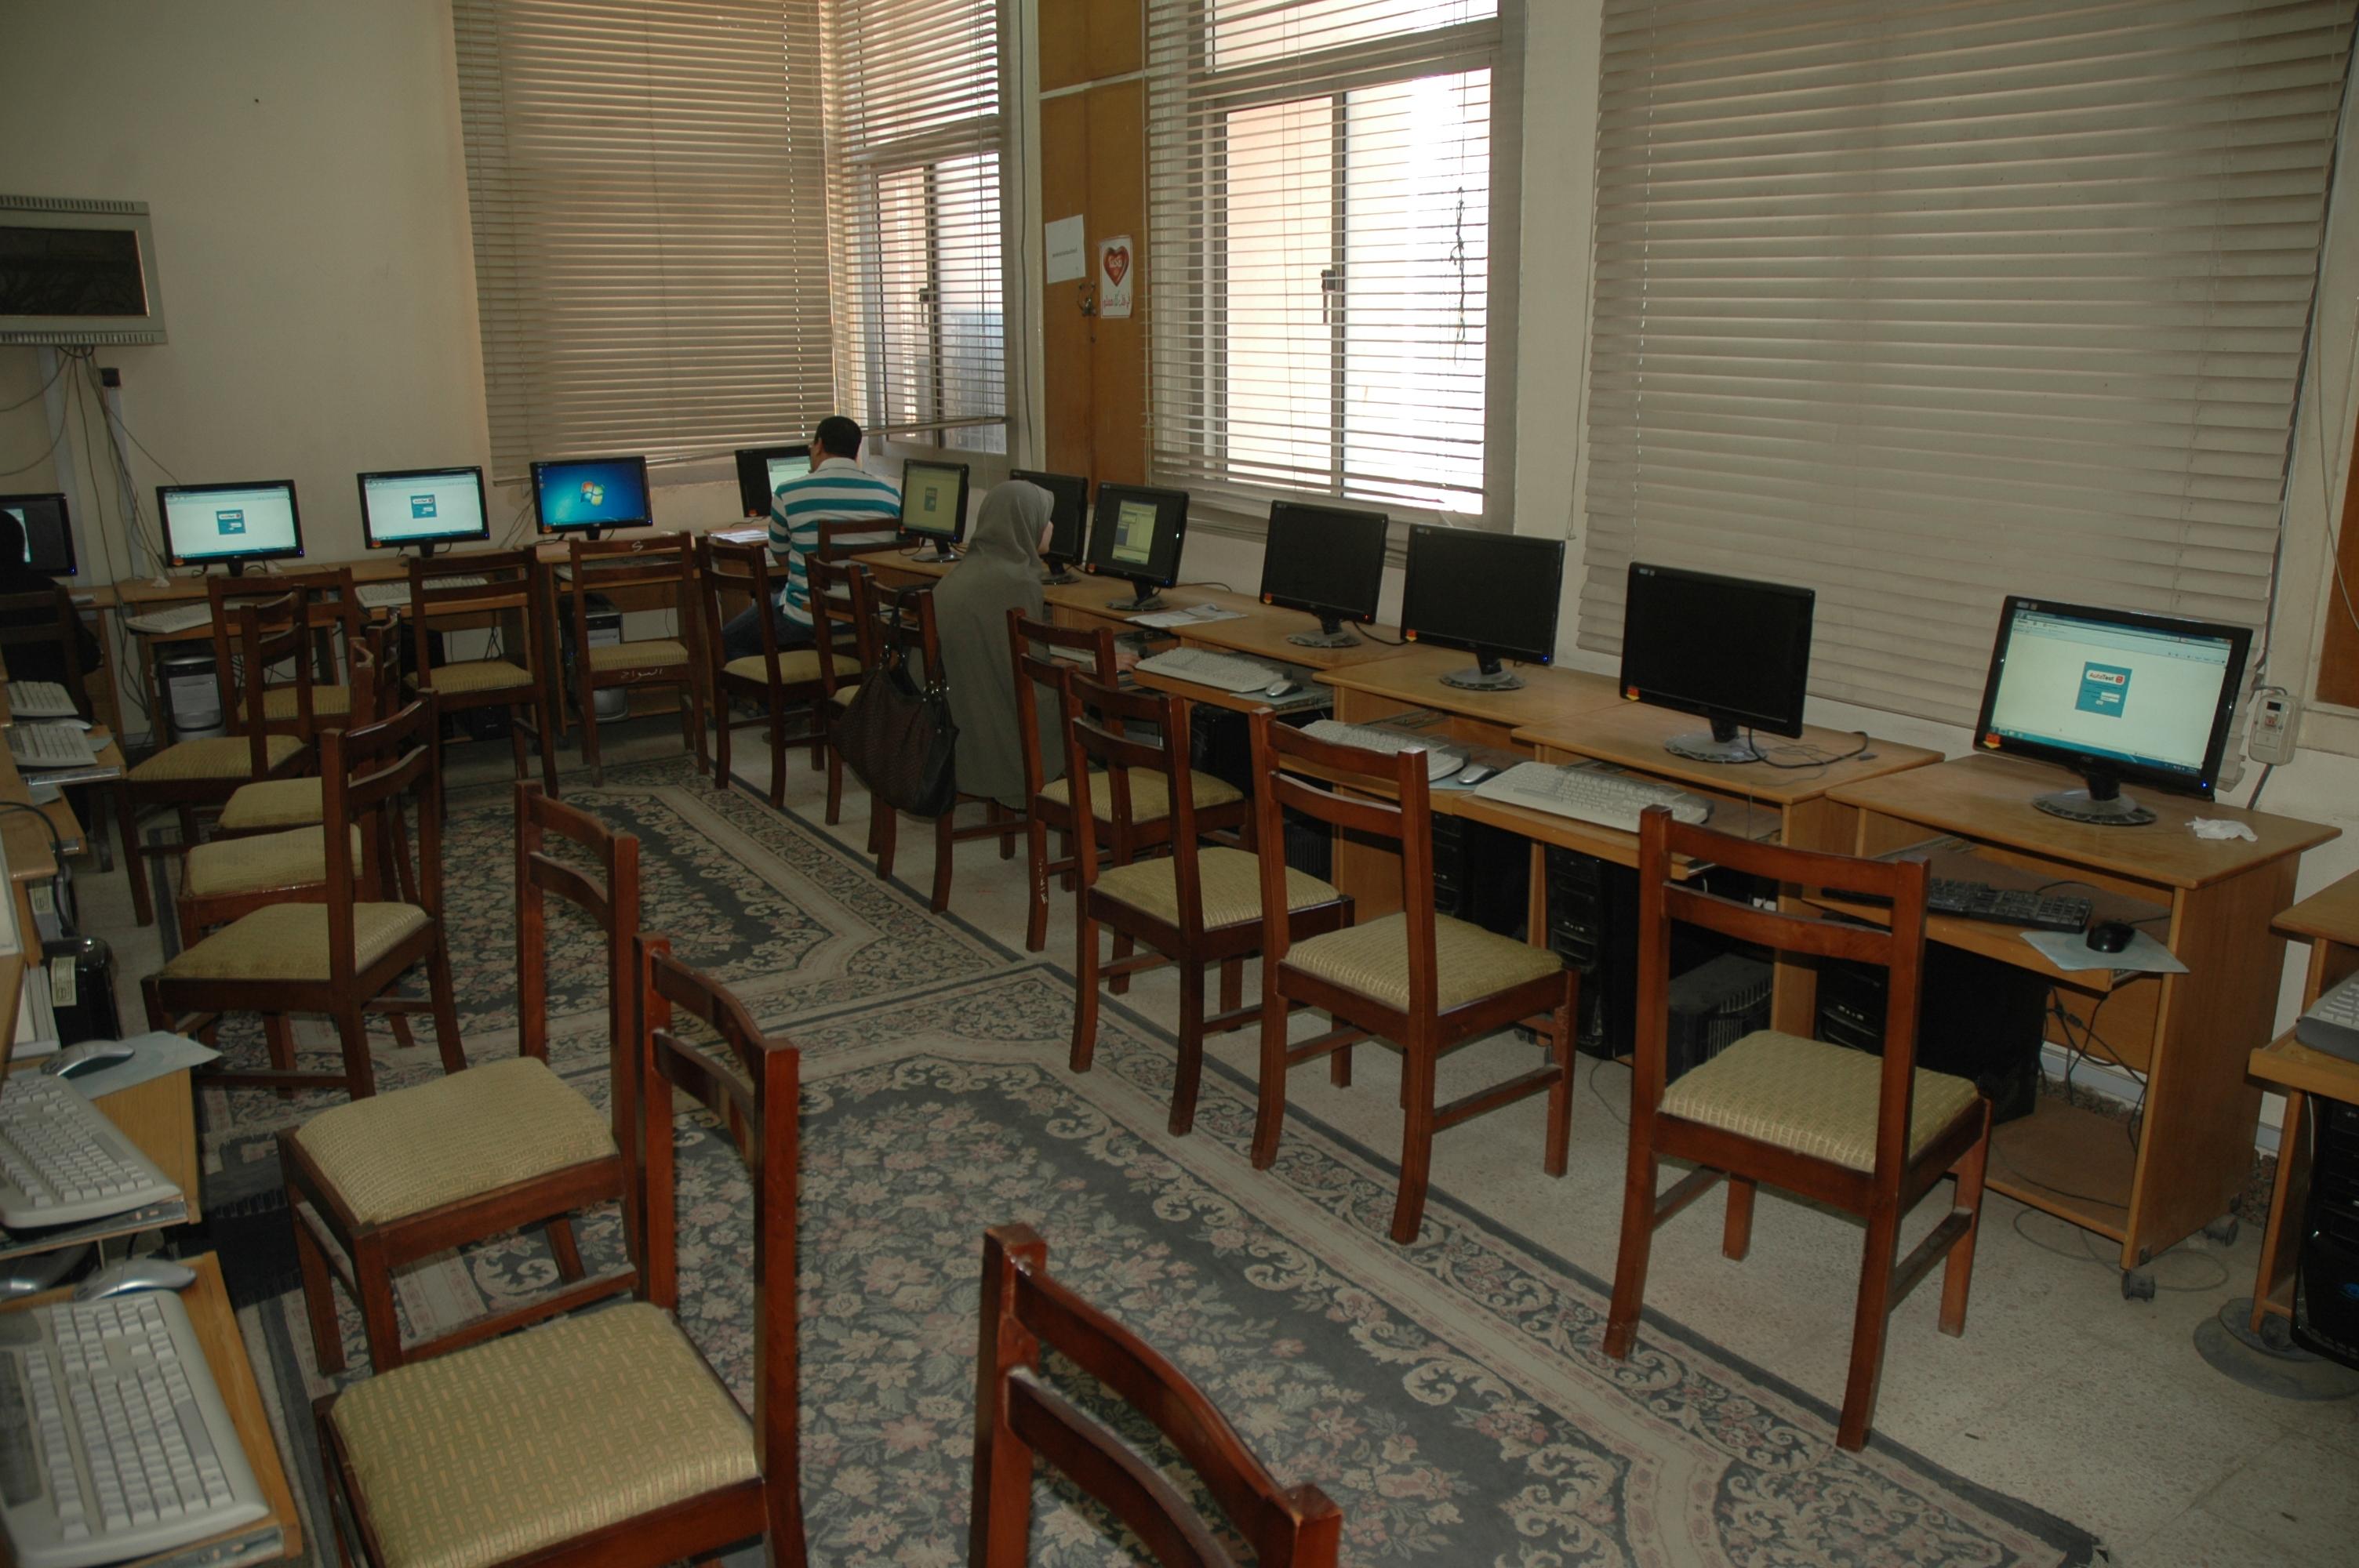 اسعار الدورات التدريبية بمركز معلومات جامعة المنوفية